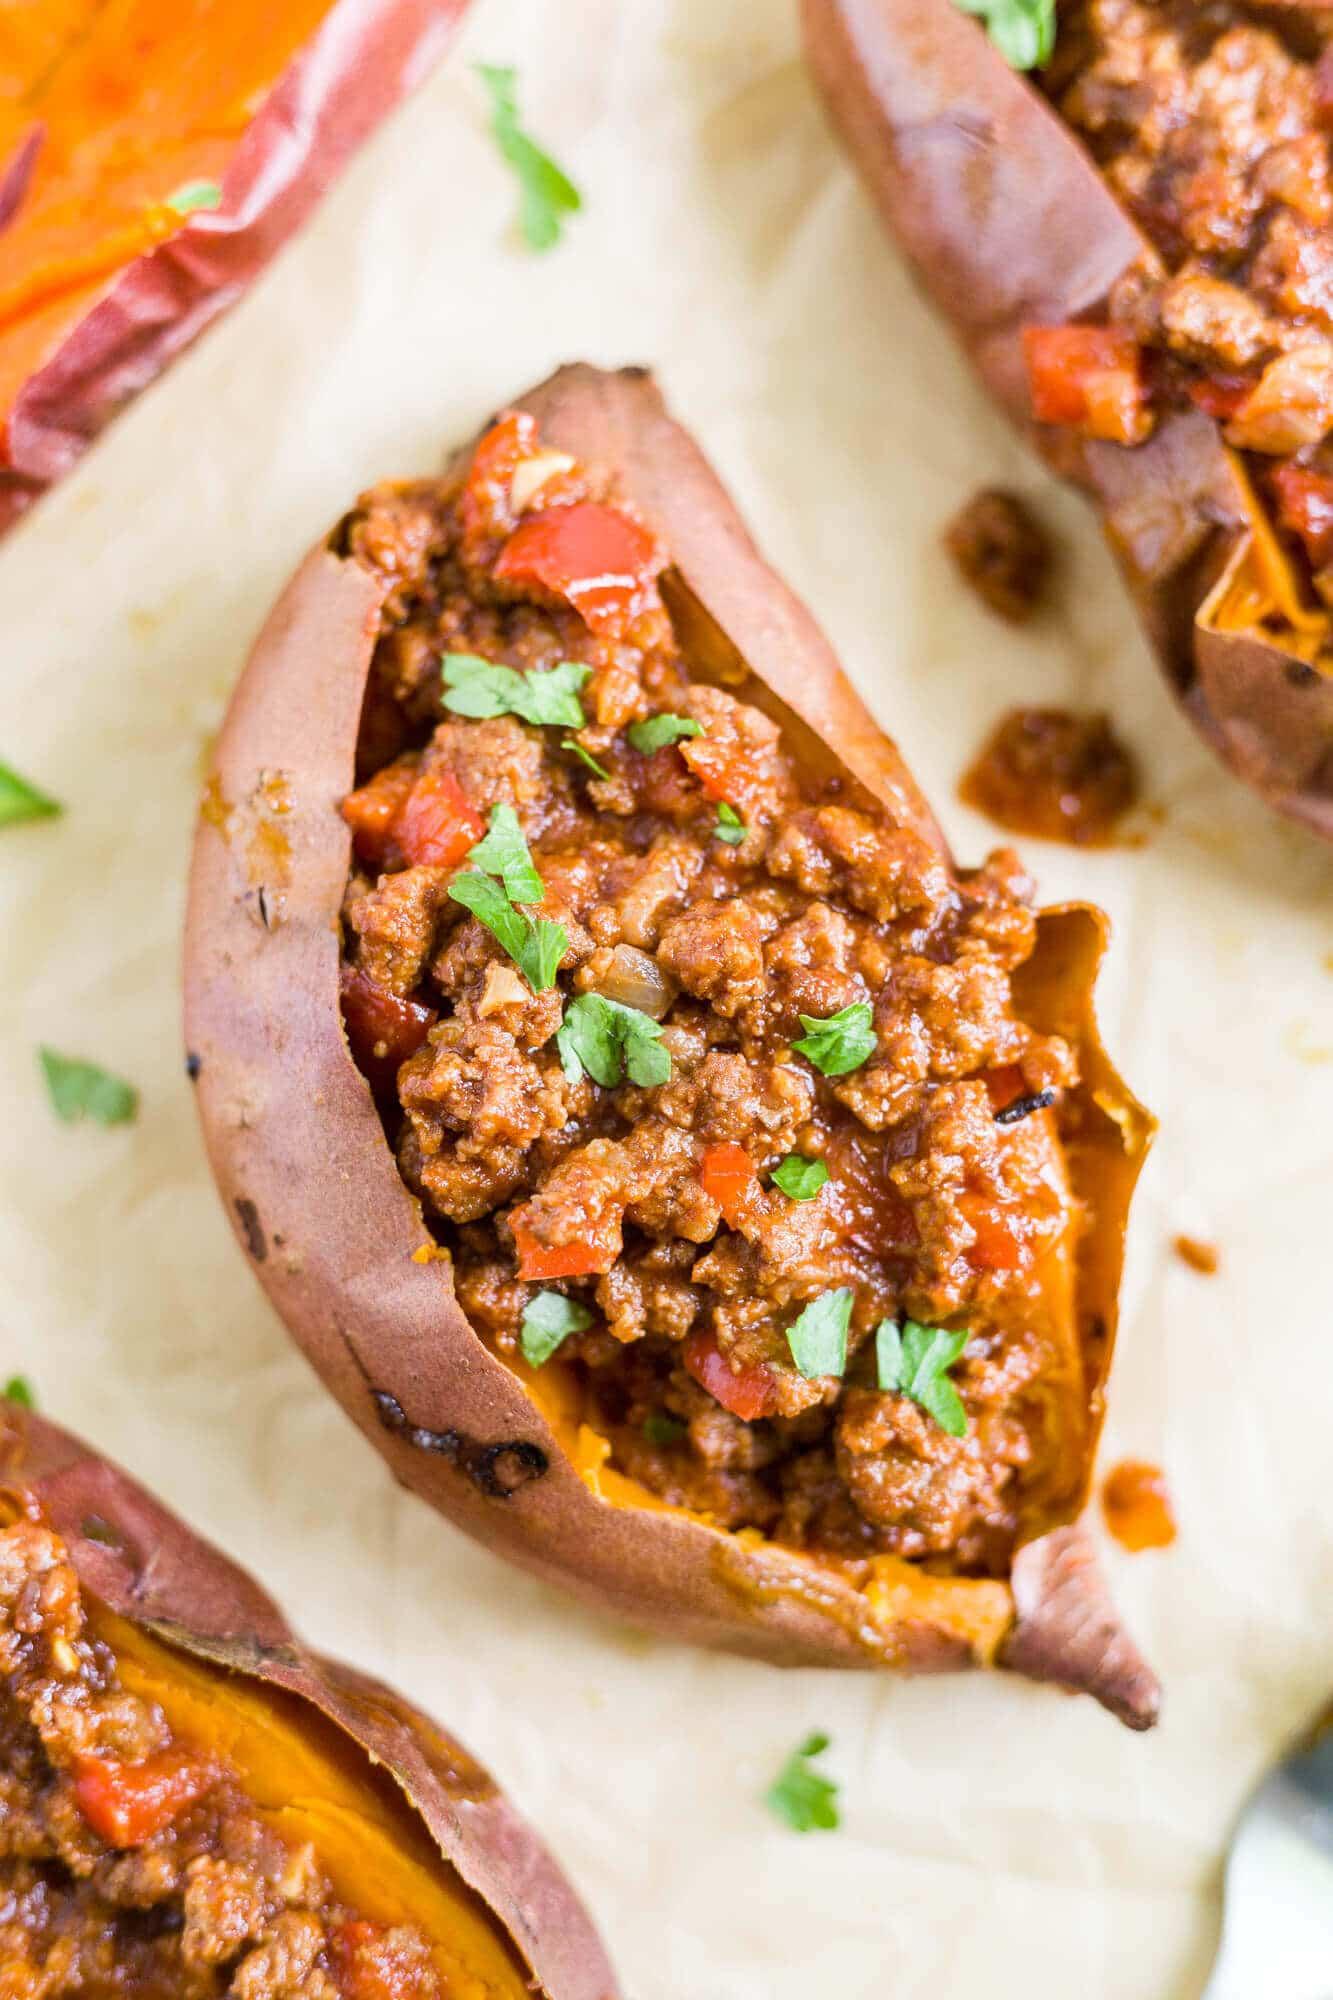 healthy sloppy joes in a roasted sweet potato